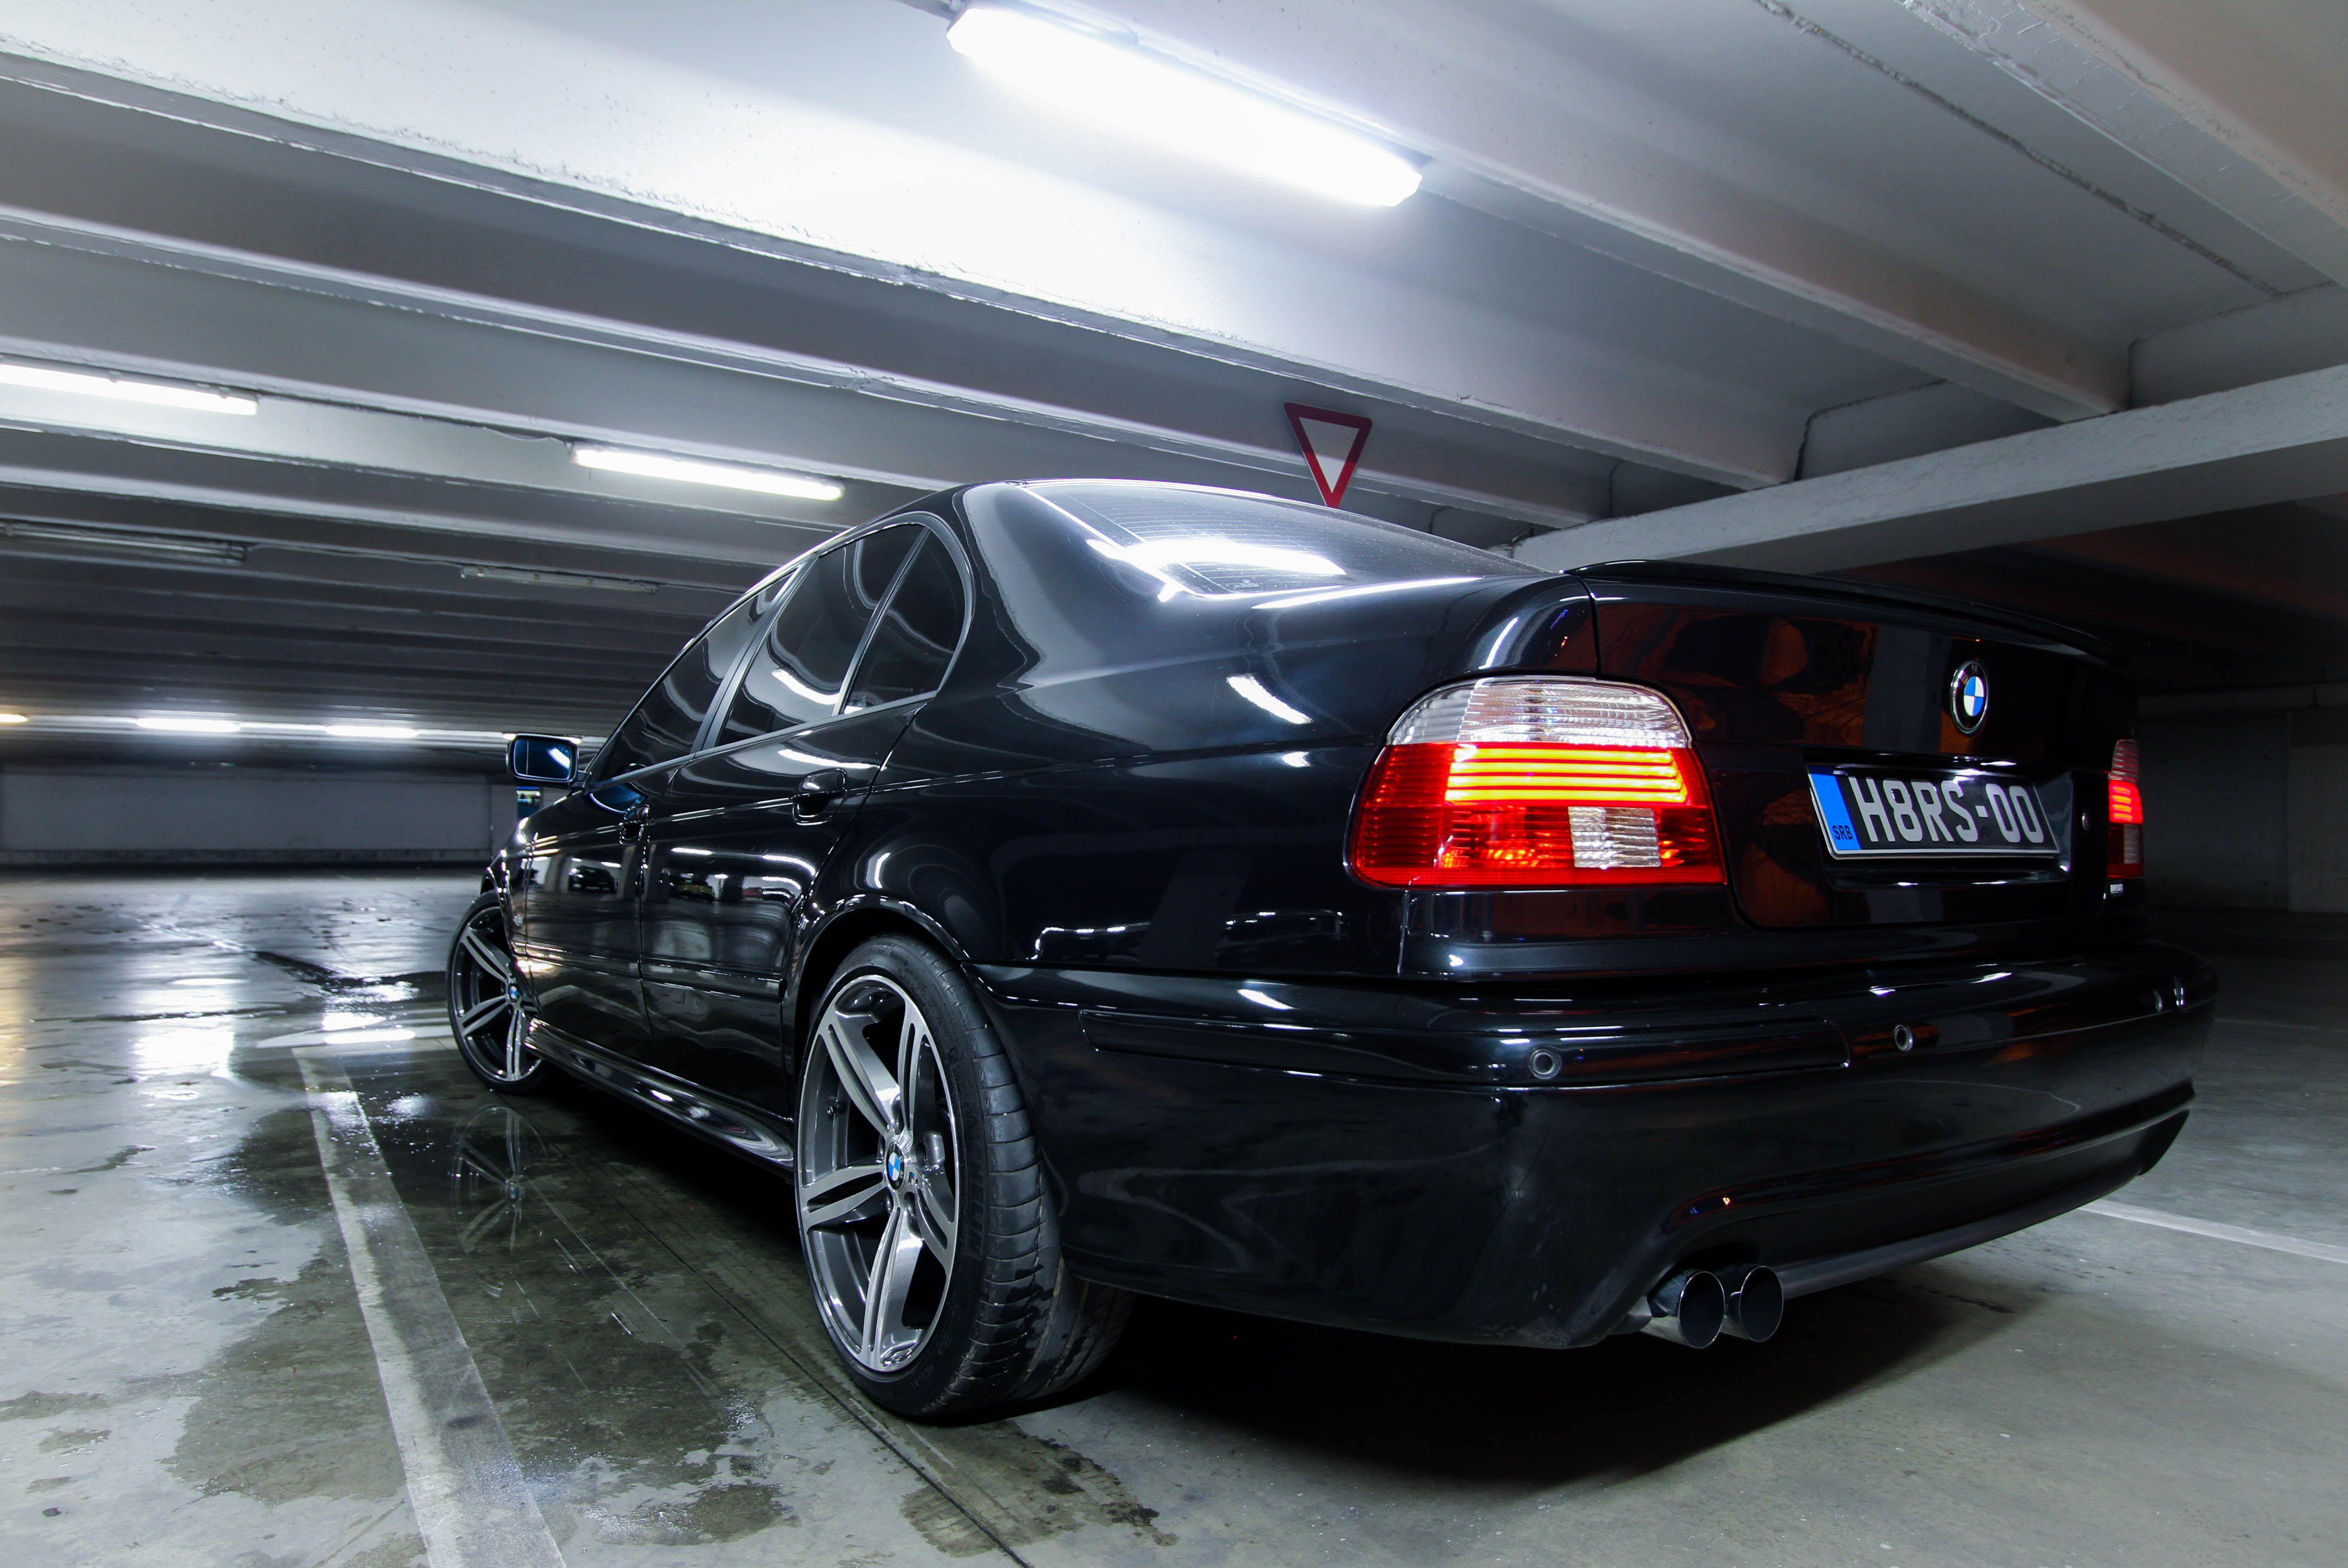 BMW e39 M Optic instagram e39 bmw BMW e39 Pinterest